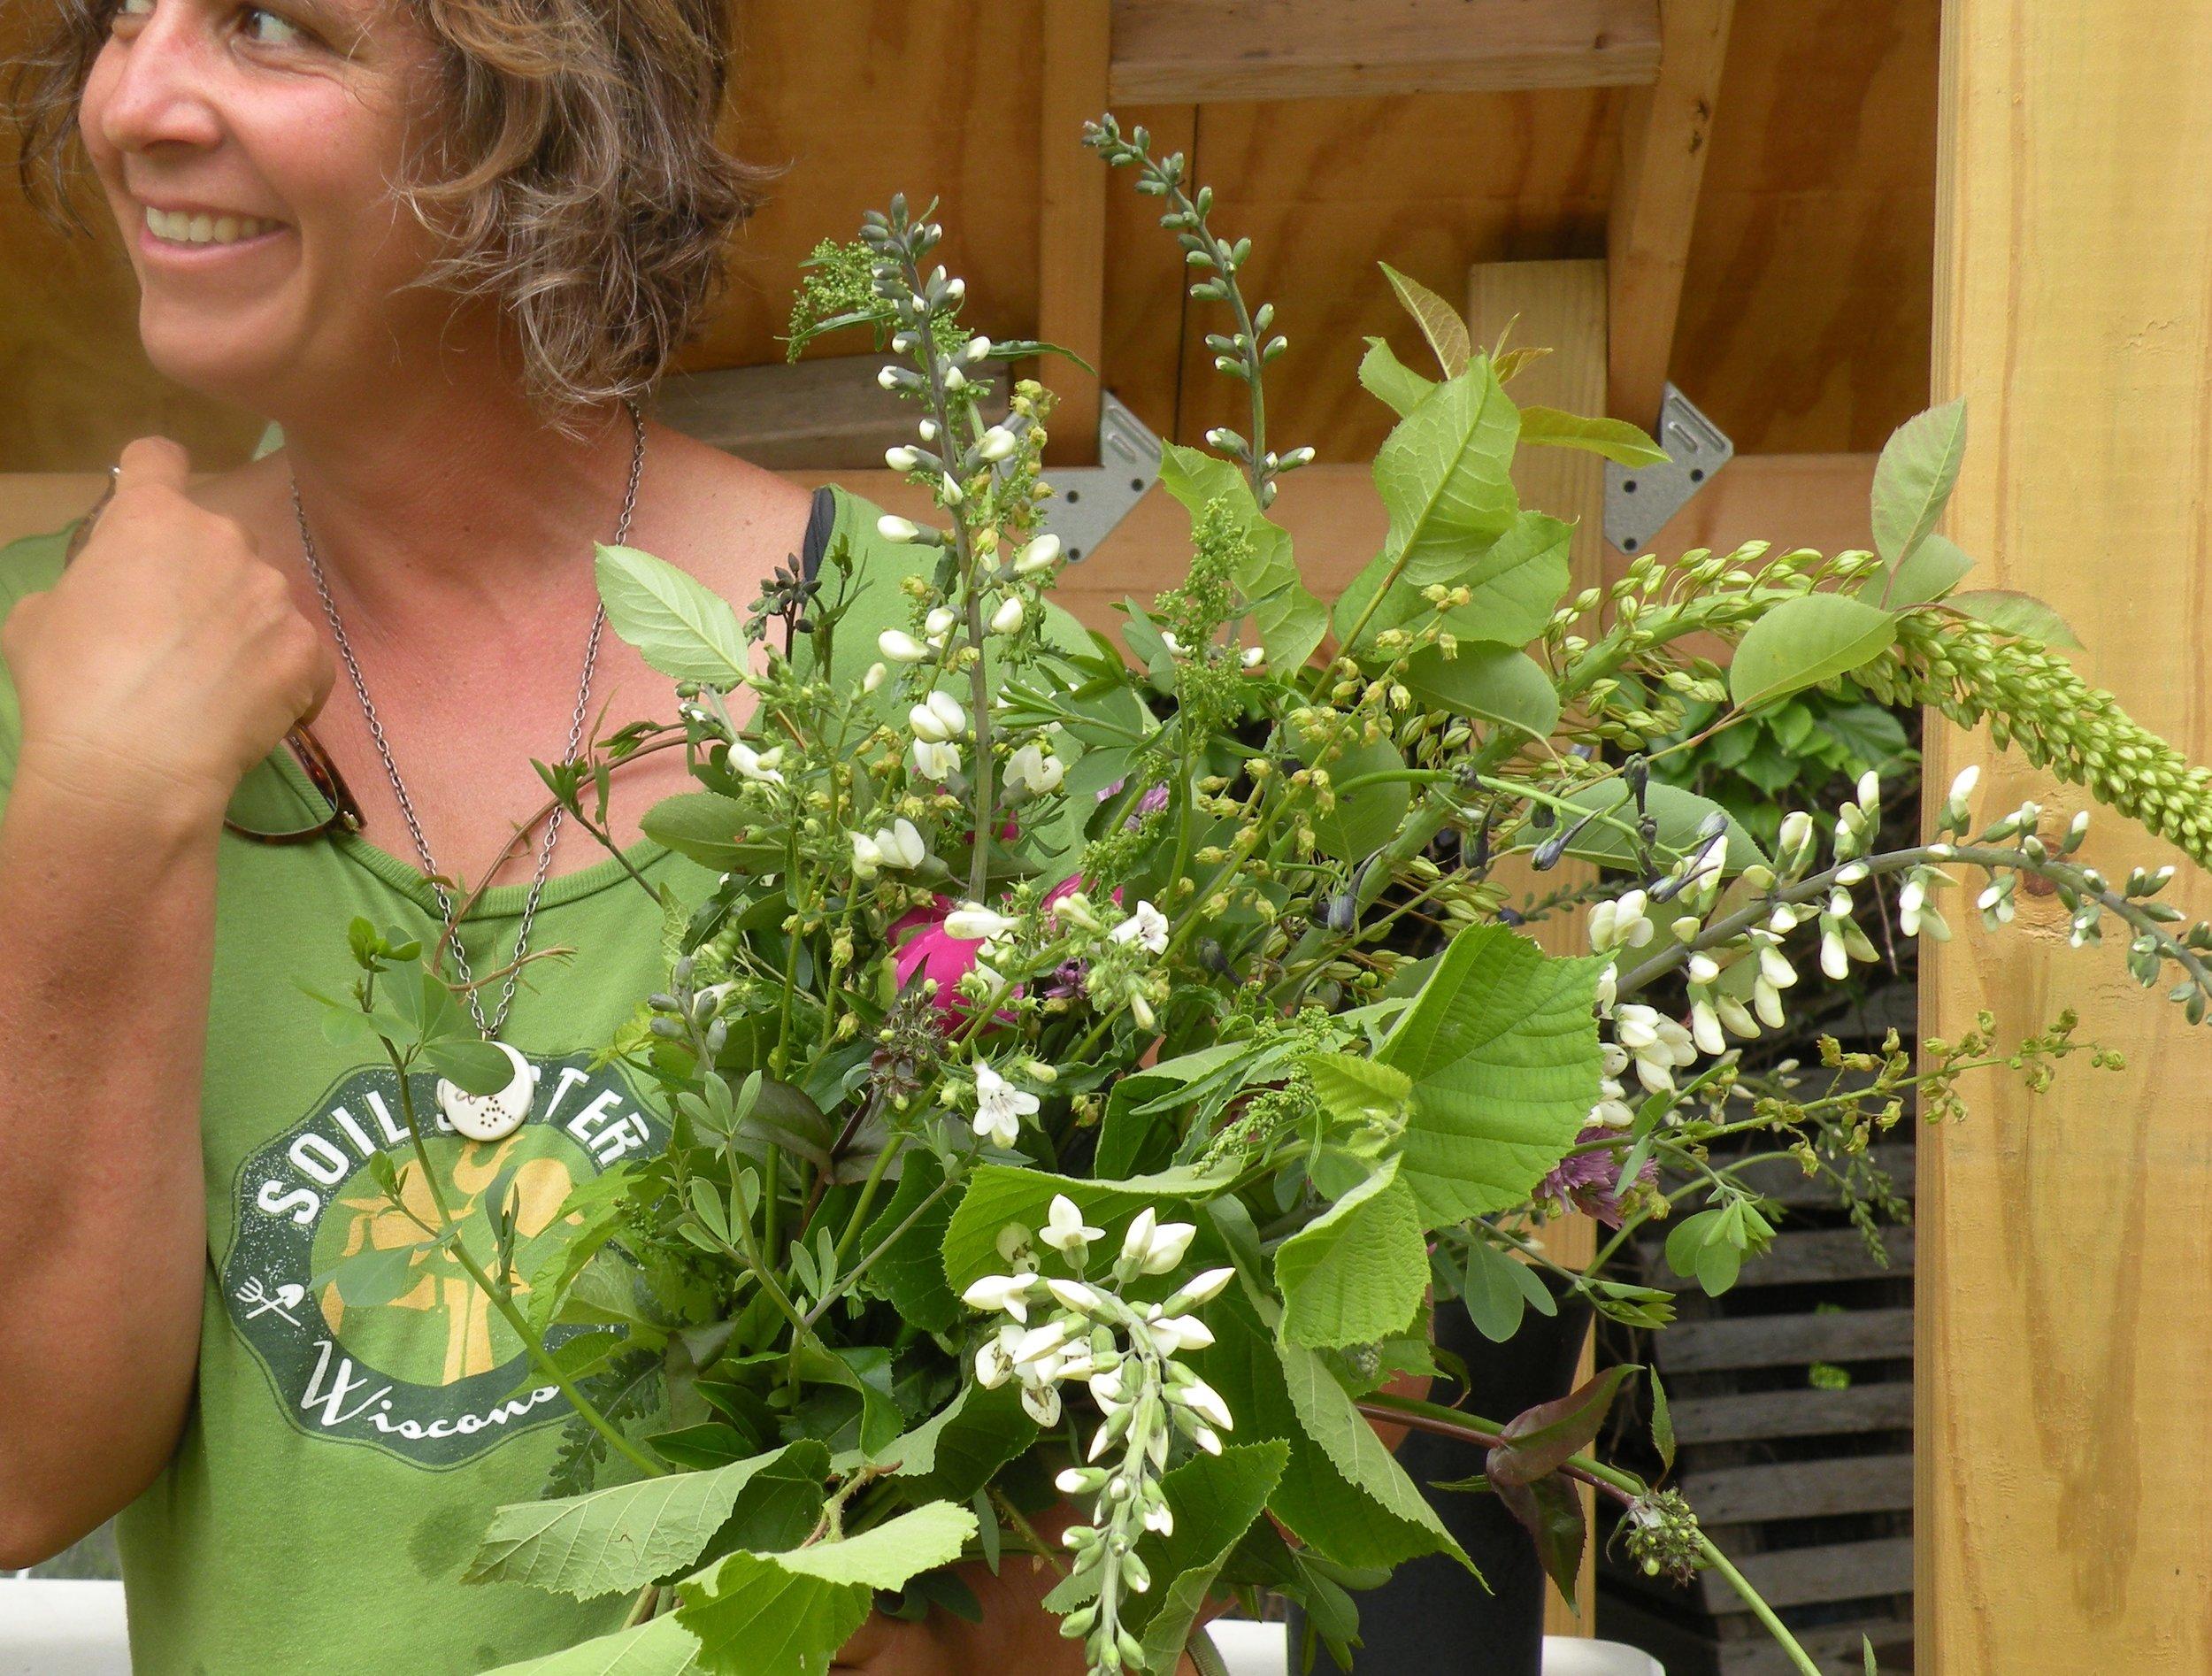 flower csa bouquet 6-7-18.jpg